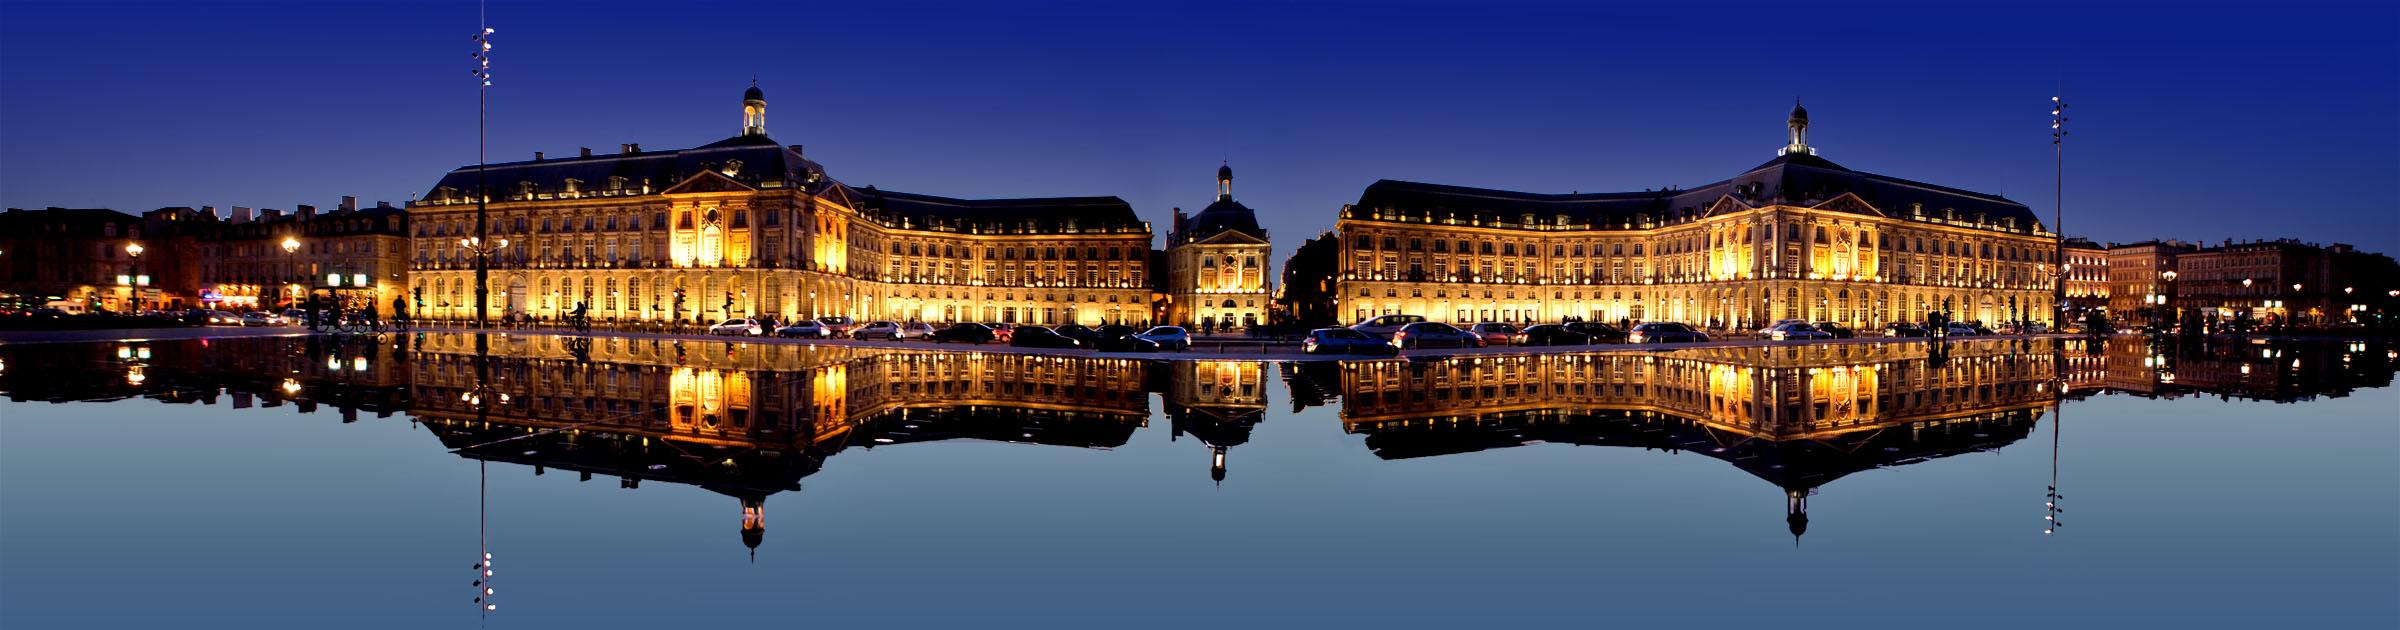 Bordeaux Bye Night